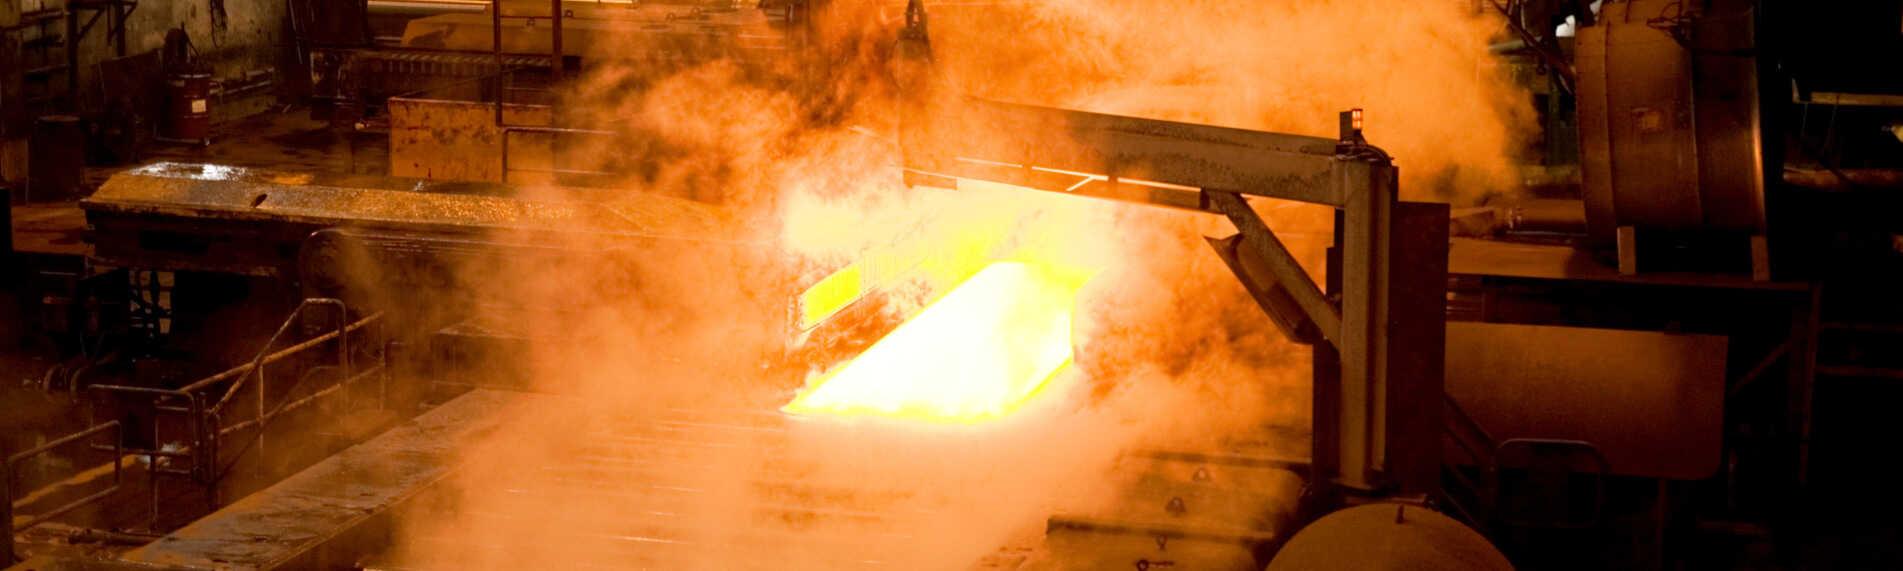 Luftbefuktning och evaporativ kylning i gjuteri och metallproduktioner